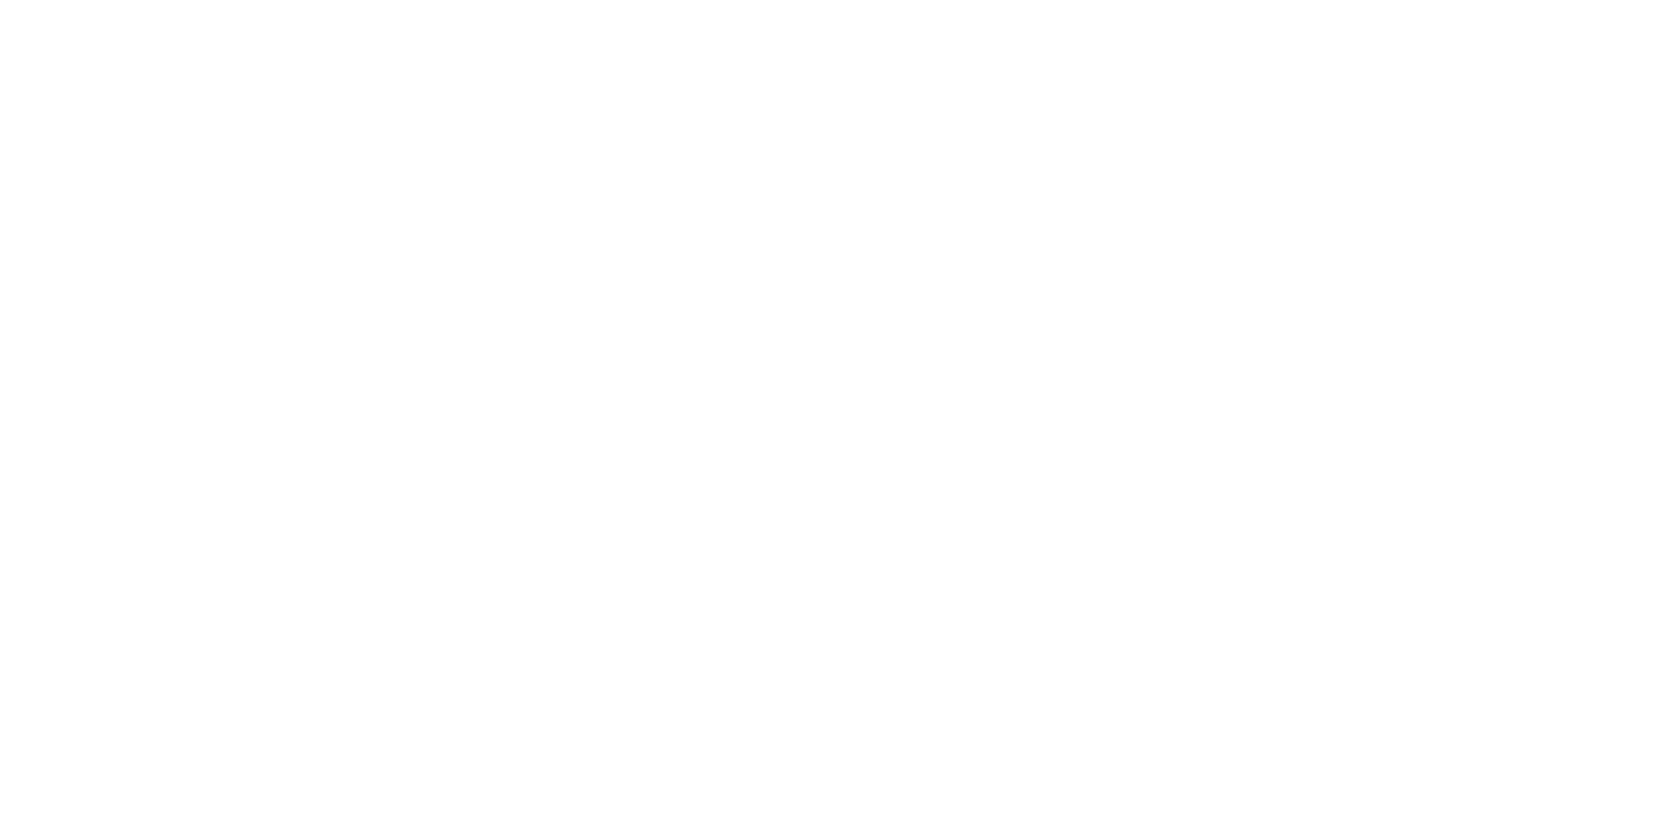 Mur de logo de RFM, une radio commercialisée par Régie Radio Régions